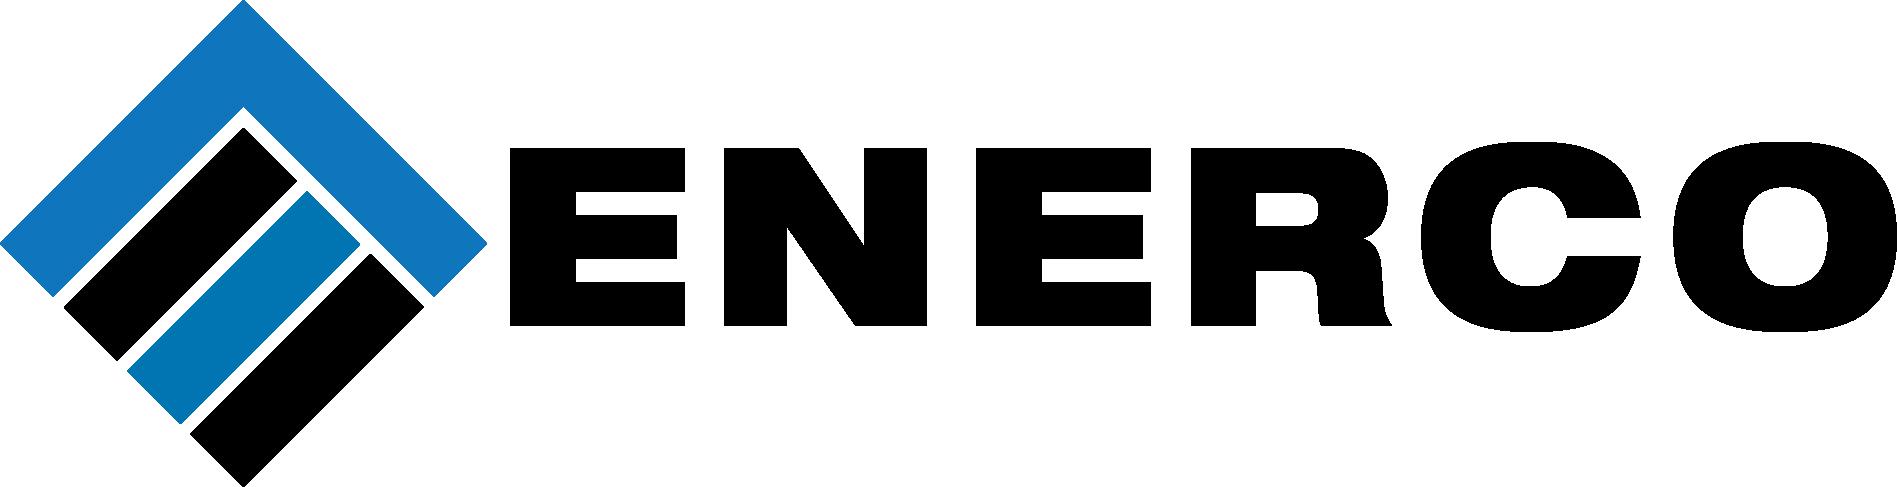 Enerco RV Plan O Gram - Medium (35 Skus)